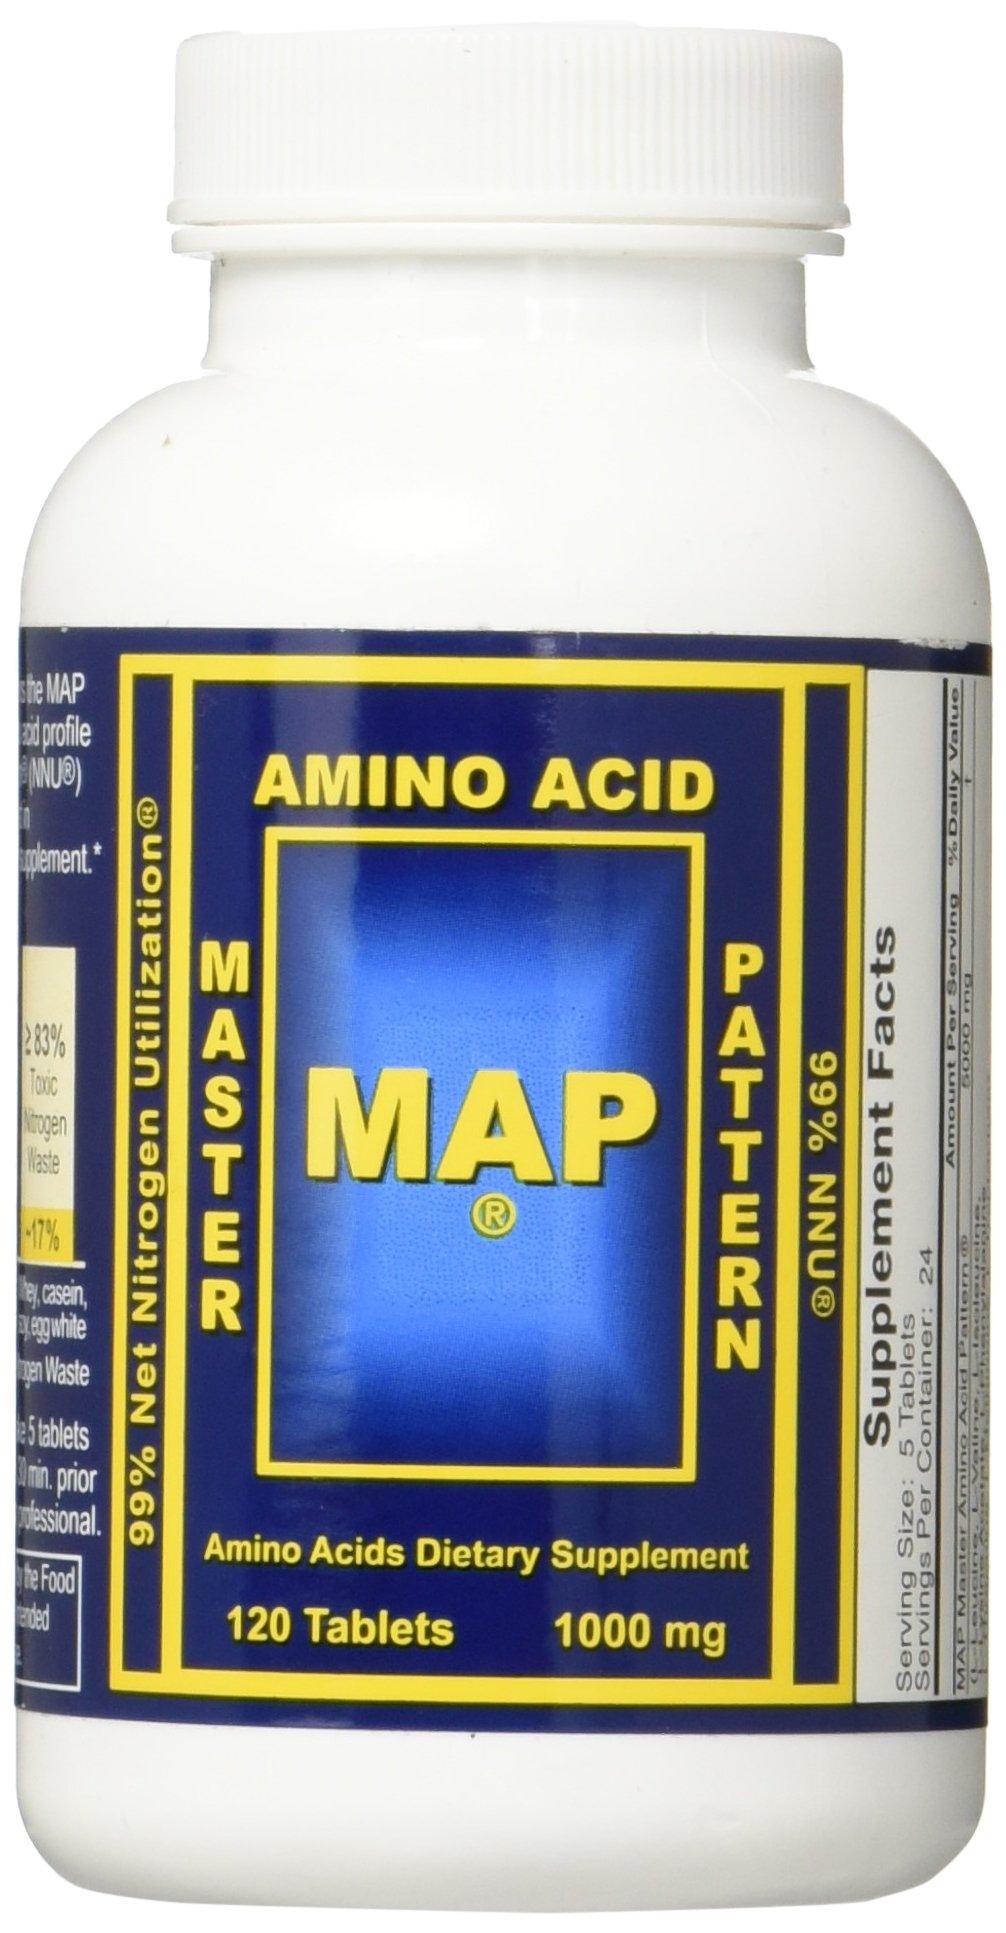 Master amino